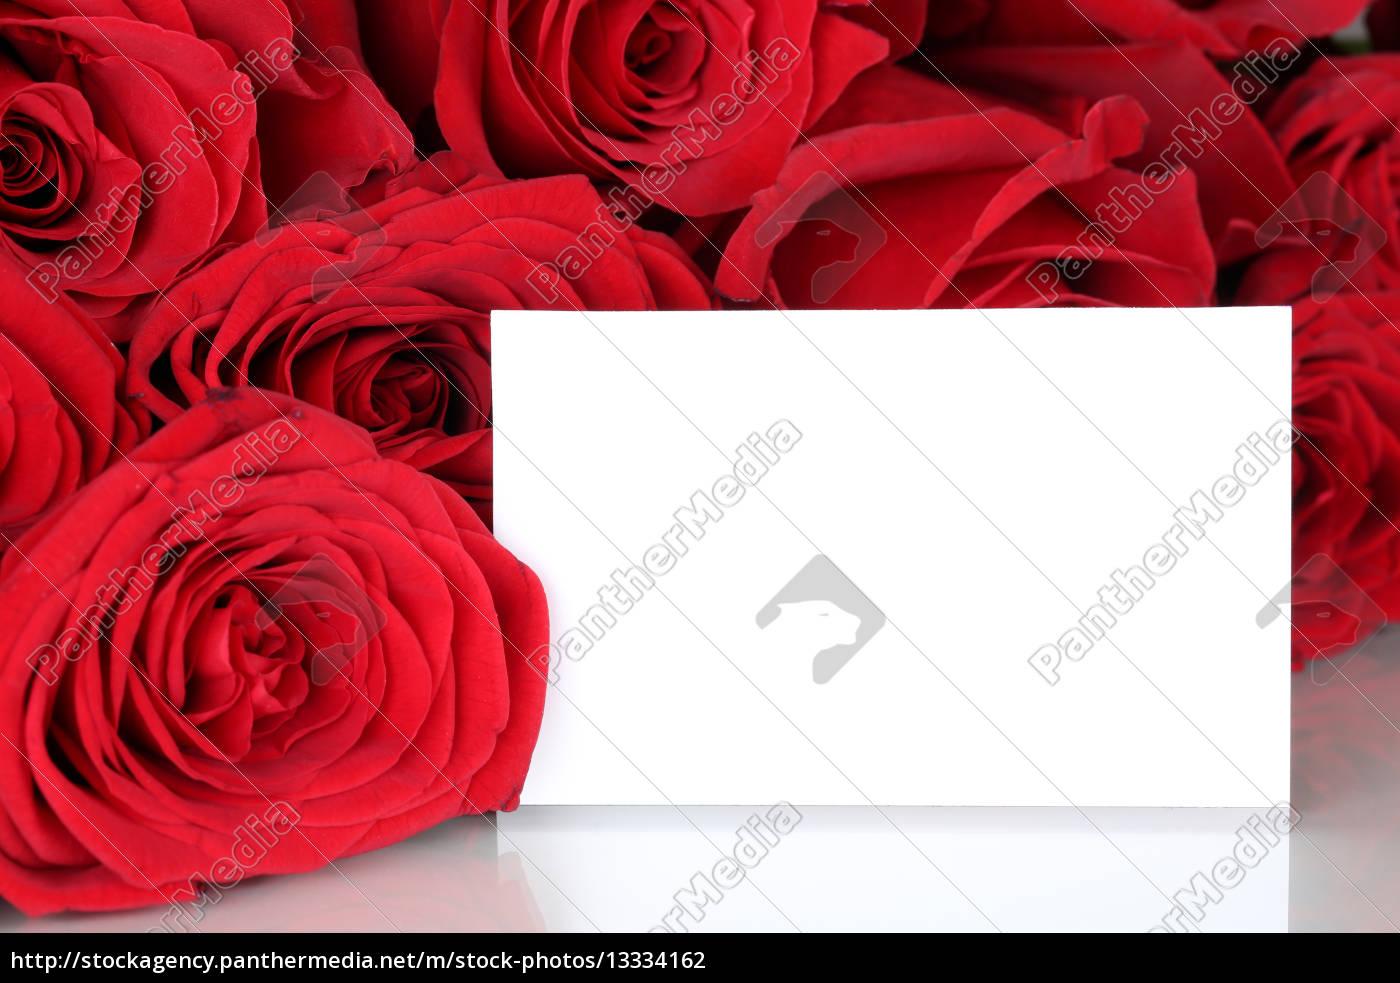 Stock Photo 13334162   Rote Rosen Zum Valentinstag Oder Muttertag Mit  Textfreiraum